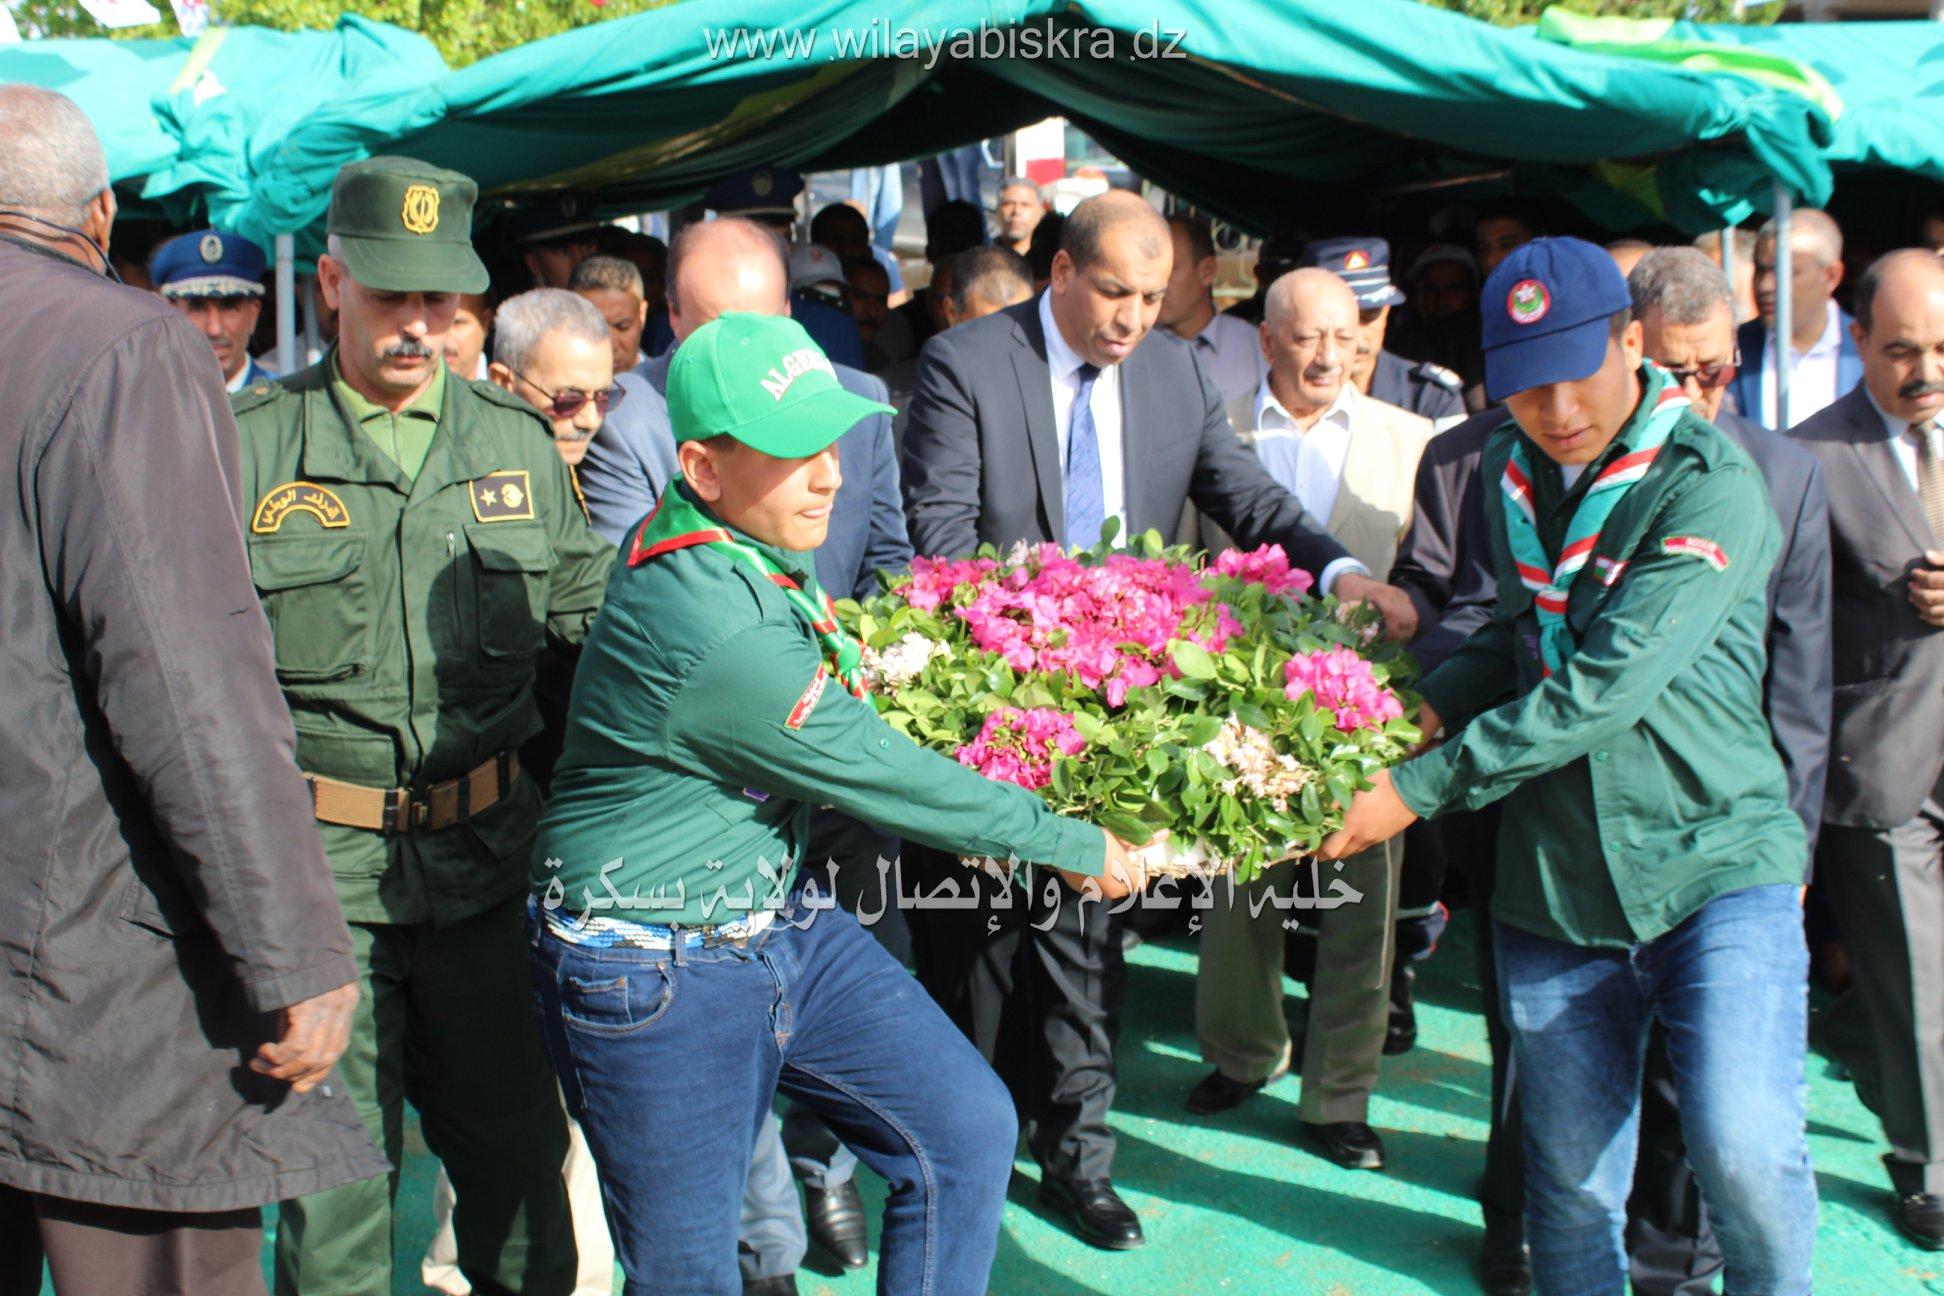 الإحتفالات المخلدة للذكرى السابعة و الخمسون ليوم الهجرة 17 أكتوبر.